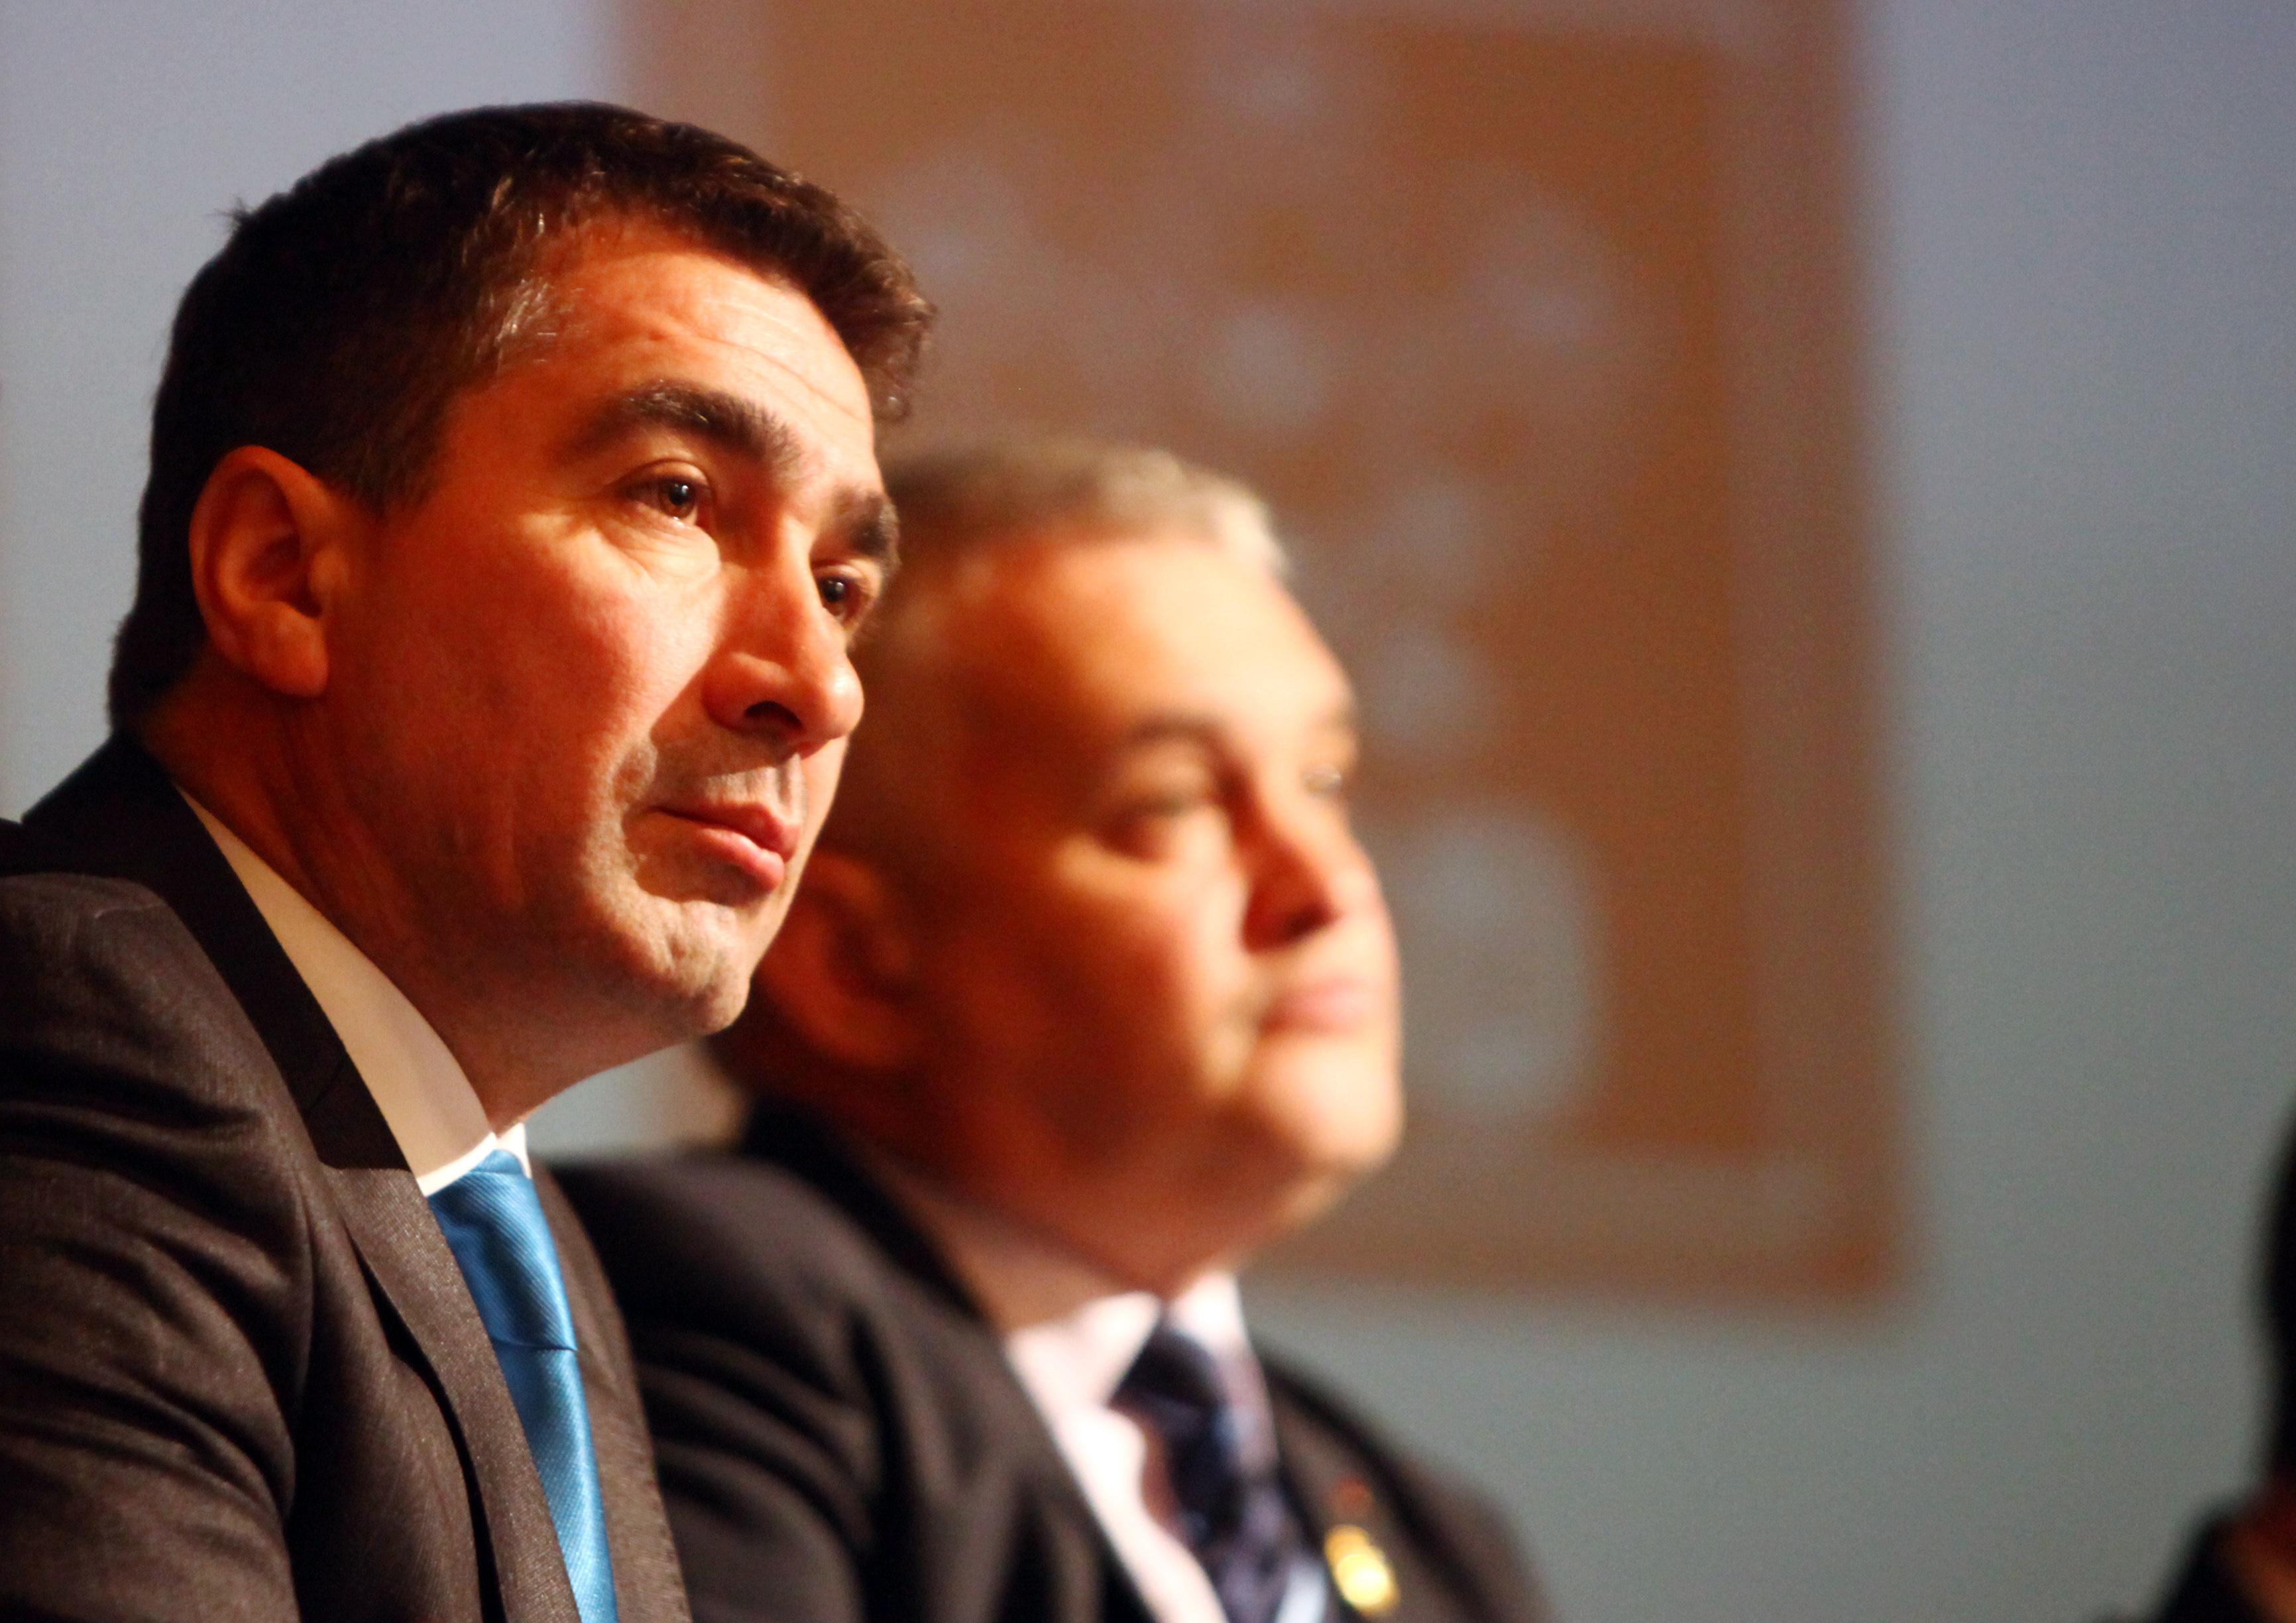 Preşedintele PSD Neamţ, Ionel Arsene, cercetat sub control judiciar: Nu renunţ la mandatul de preşedinte al CJ Neamţ